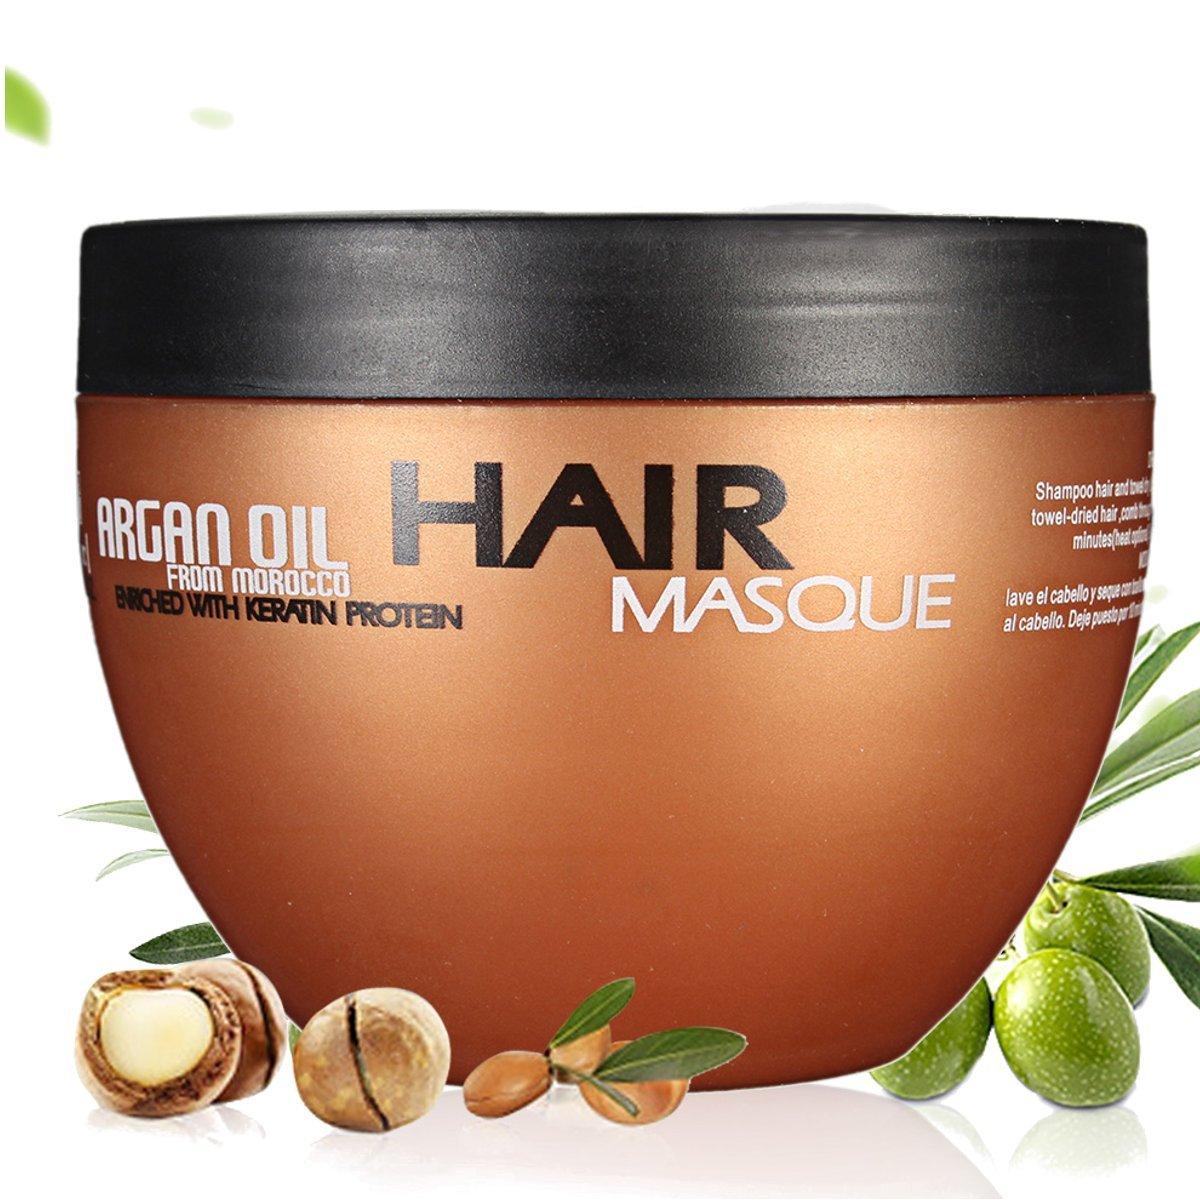 Skymore Argan Oil Haar-Maske, Marokko Öl Haarcreme, Conditioner für intensive Haarpflege, mit Arganöl und Mandelöl,Hitzeschutz Haare,1er Pack(1x250ml) Marokko Öl Haarcreme Wispury